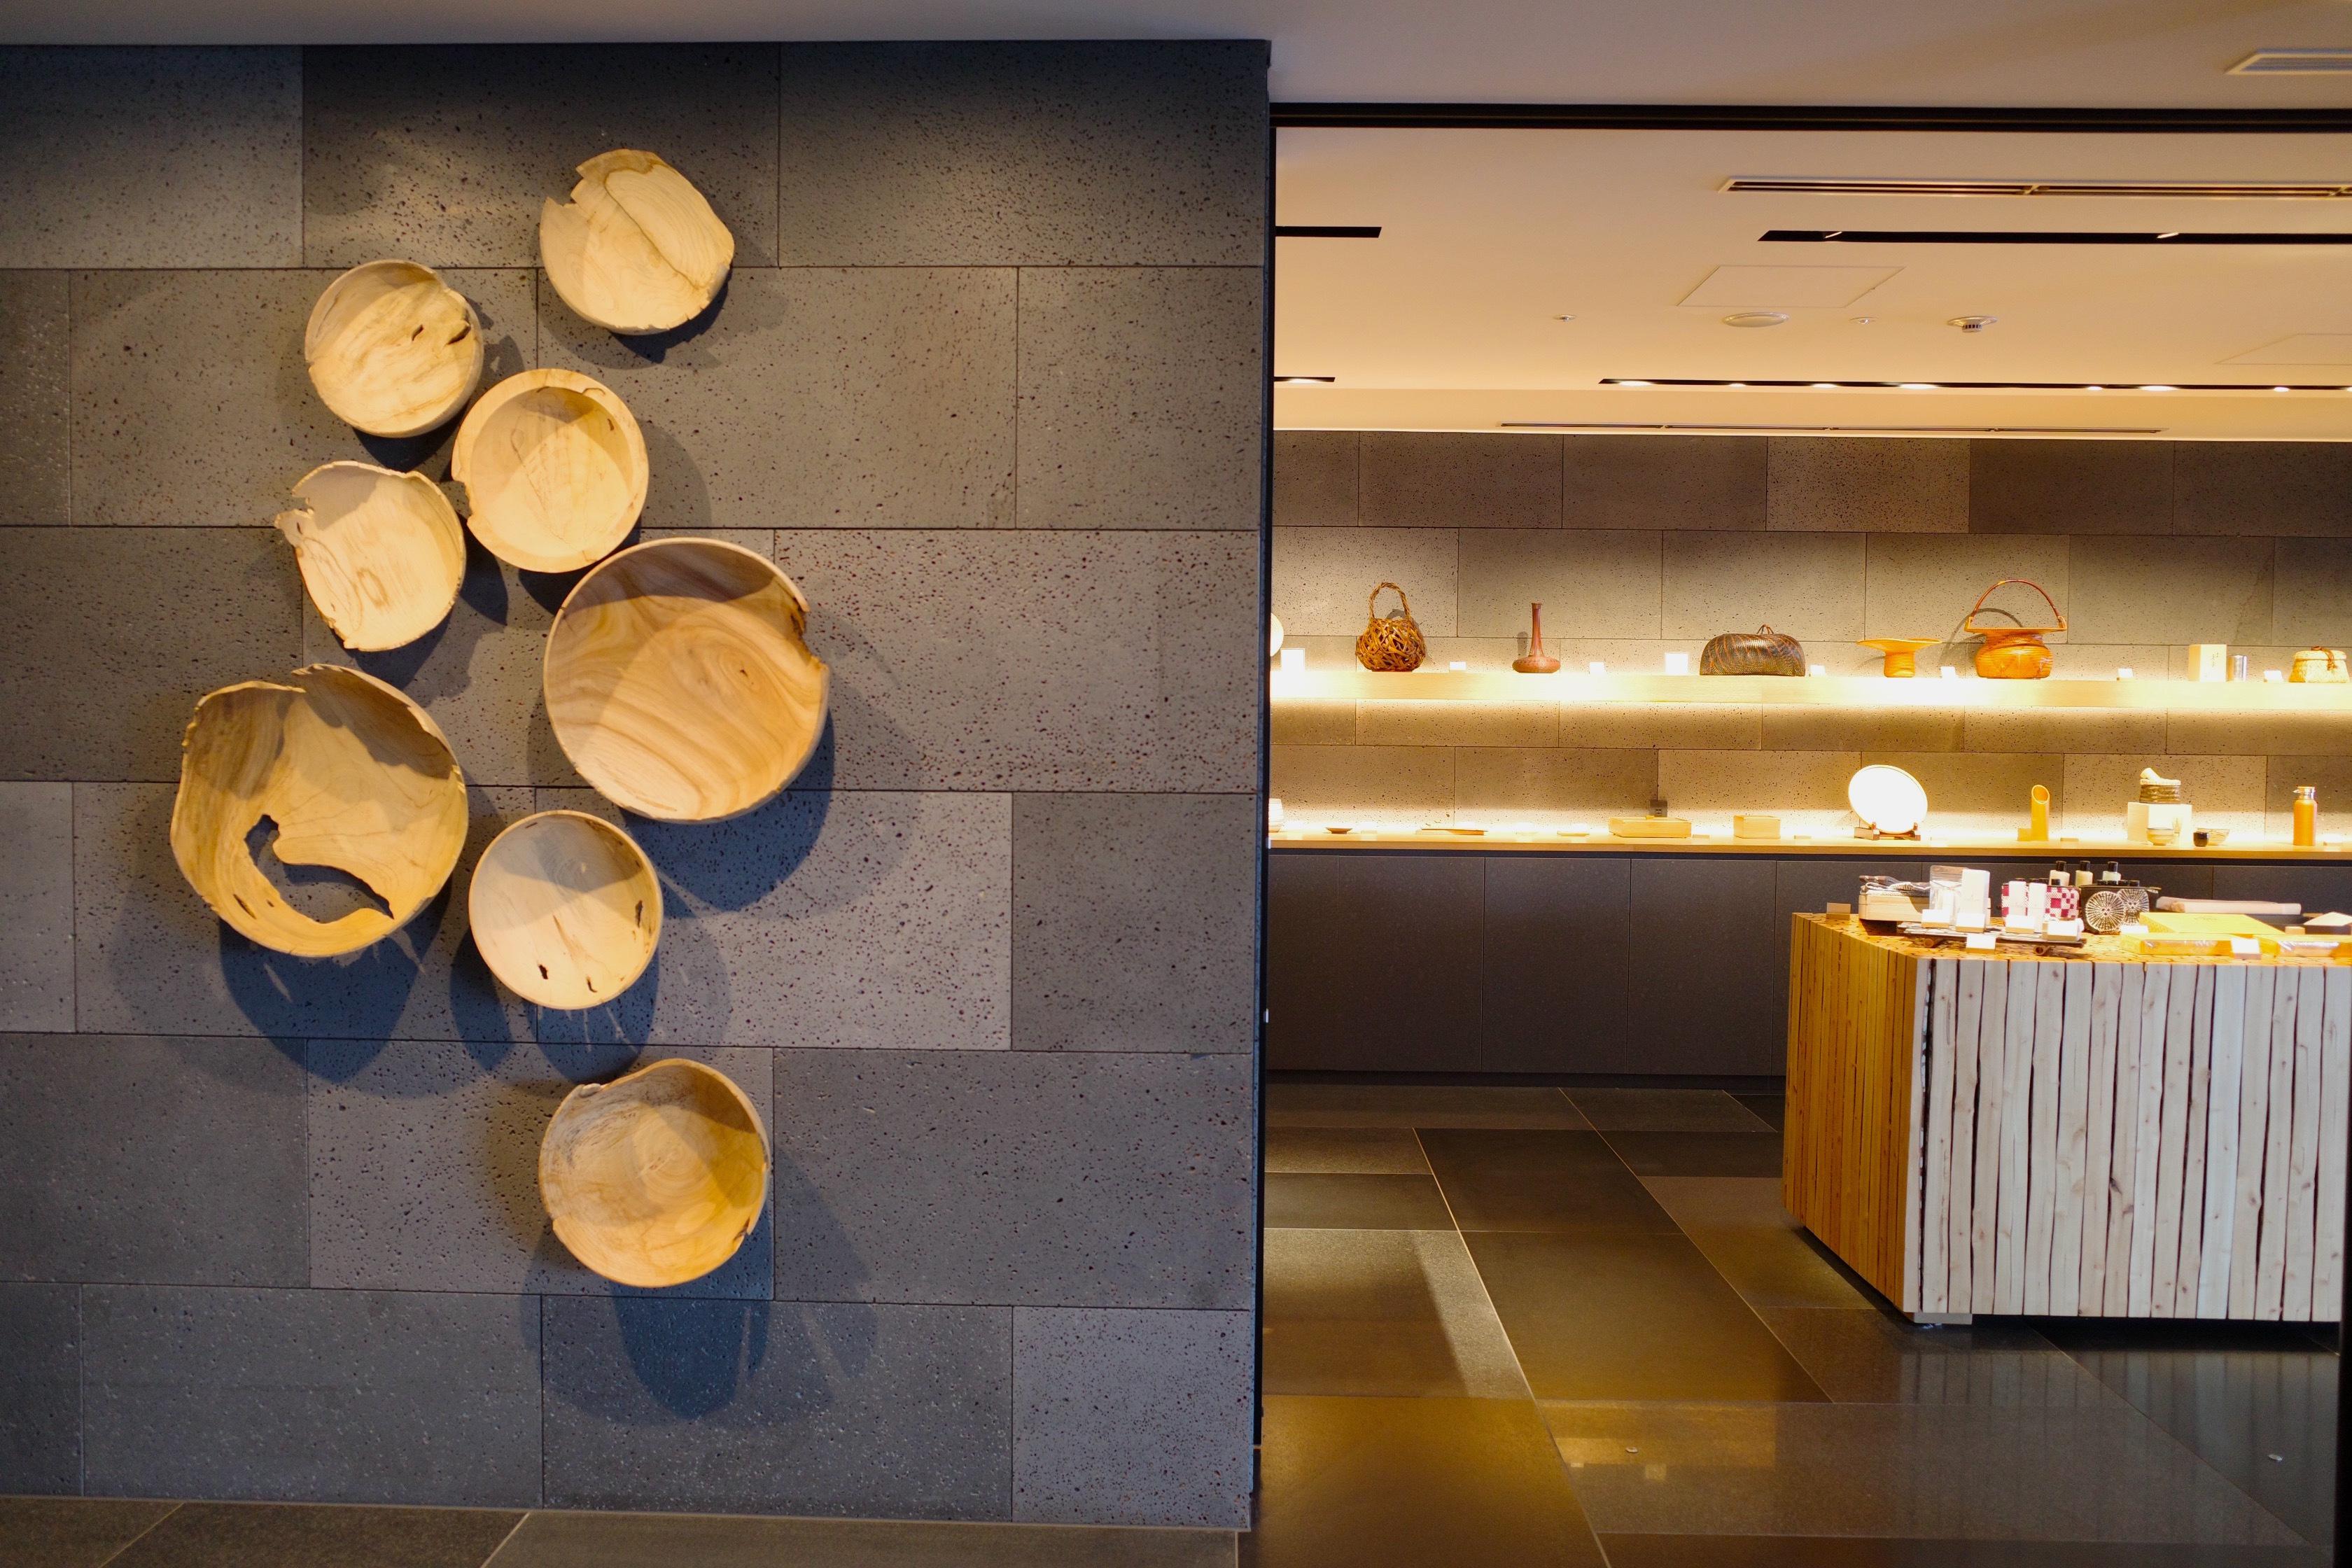 工芸品やお土産を扱うギャラリーにある間伐材を利用した作品は、 大分在住のアーティスト・運天達也さんによるもの。